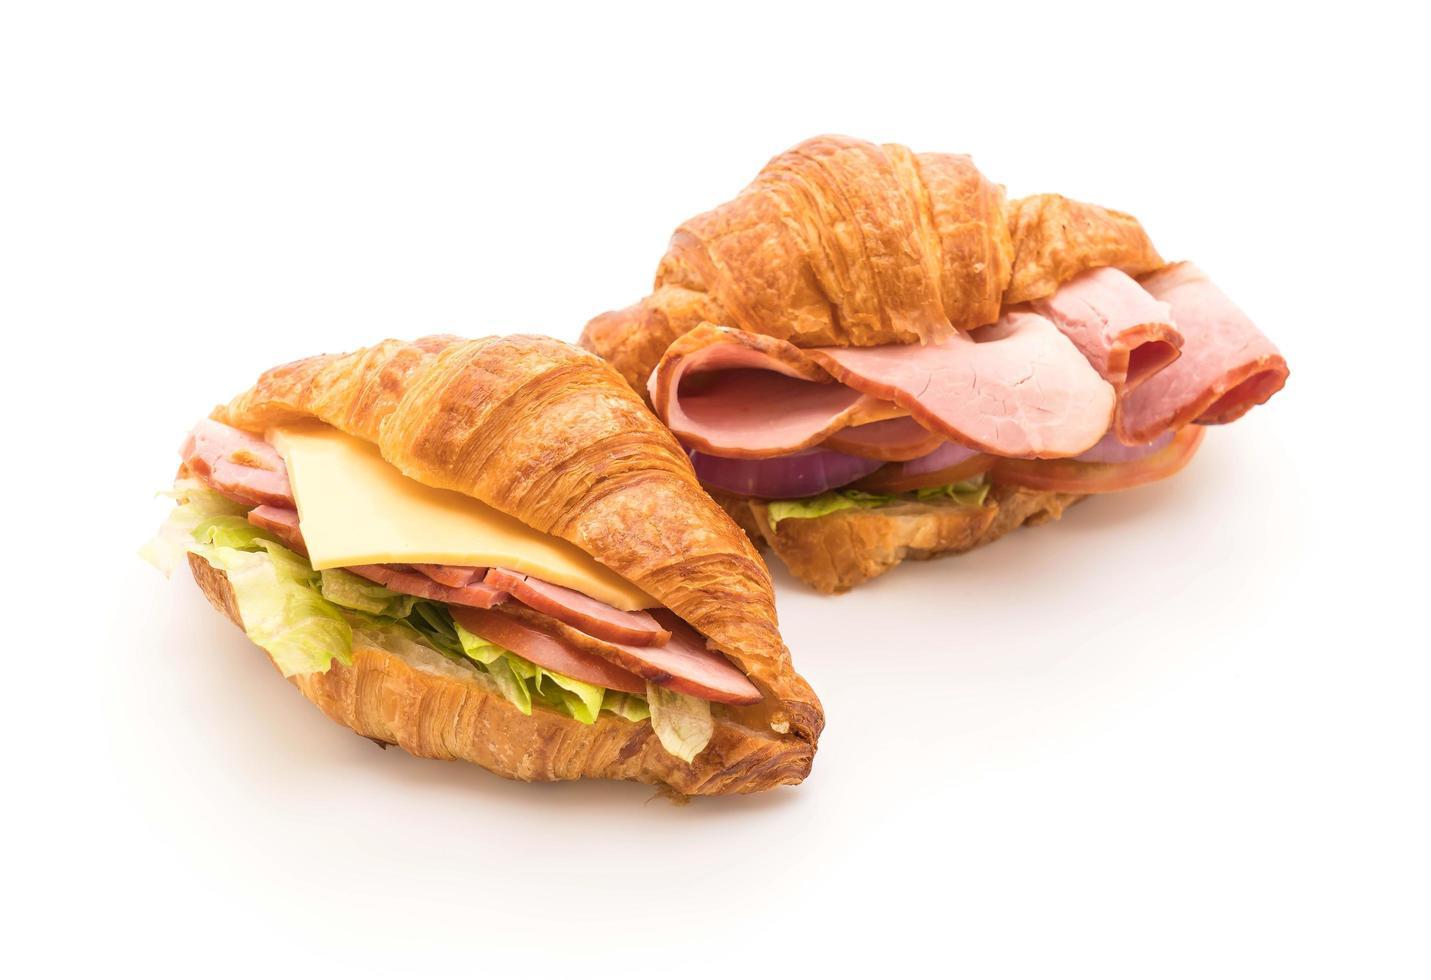 Croissant-Schinken-Sandwiches auf weißem Hintergrund foto